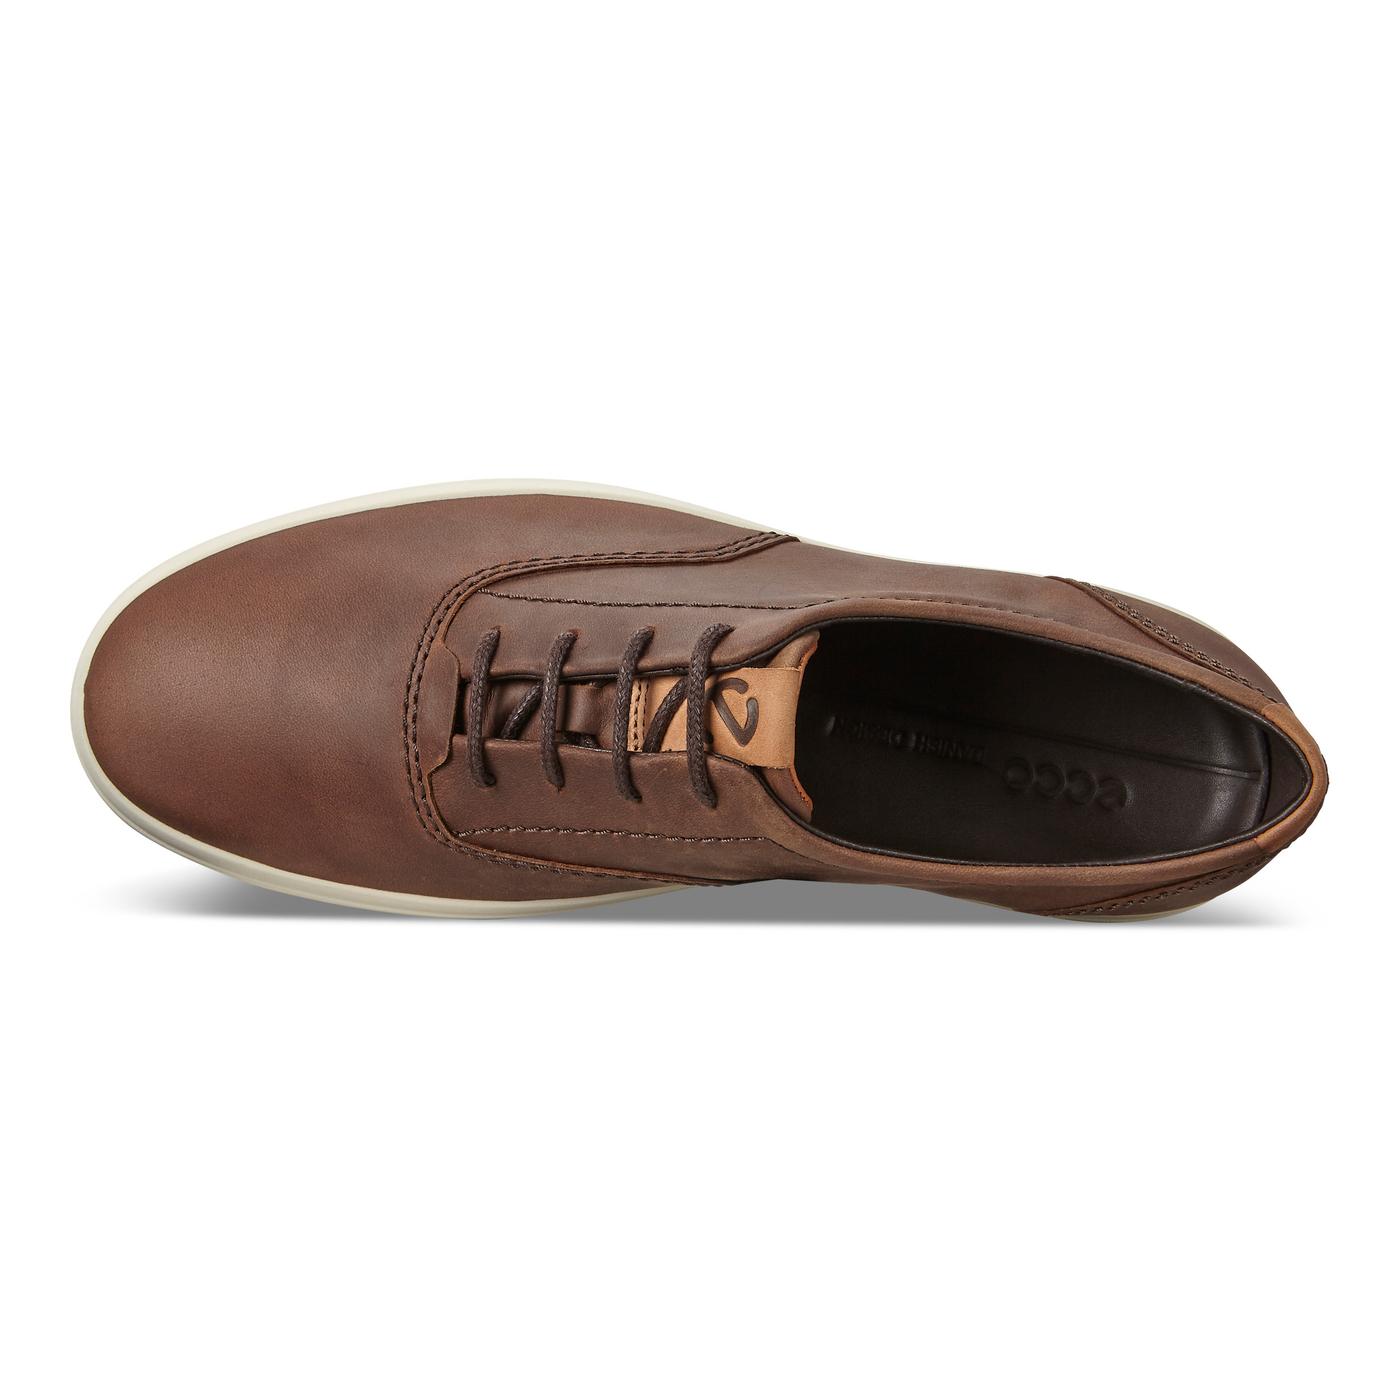 ECCO Soft 7 M CVO Sneaker